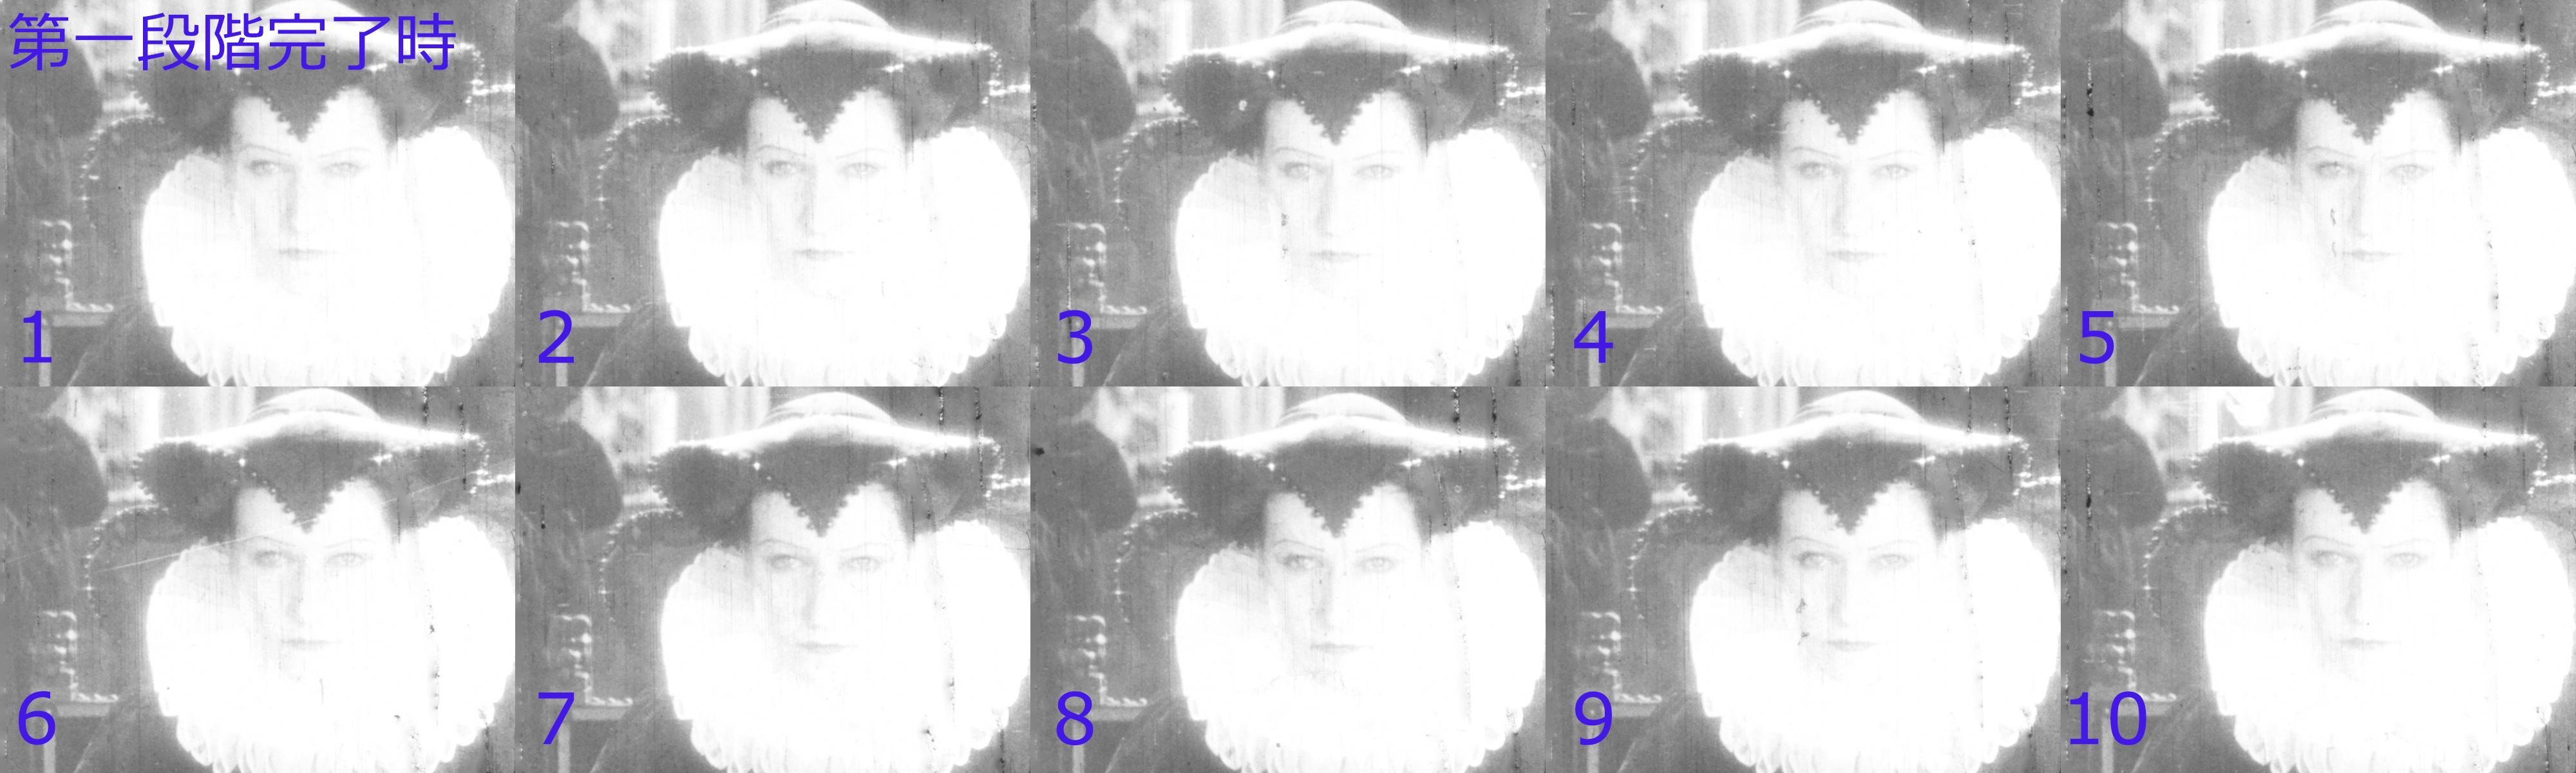 参考画像06(第一段階完了時)